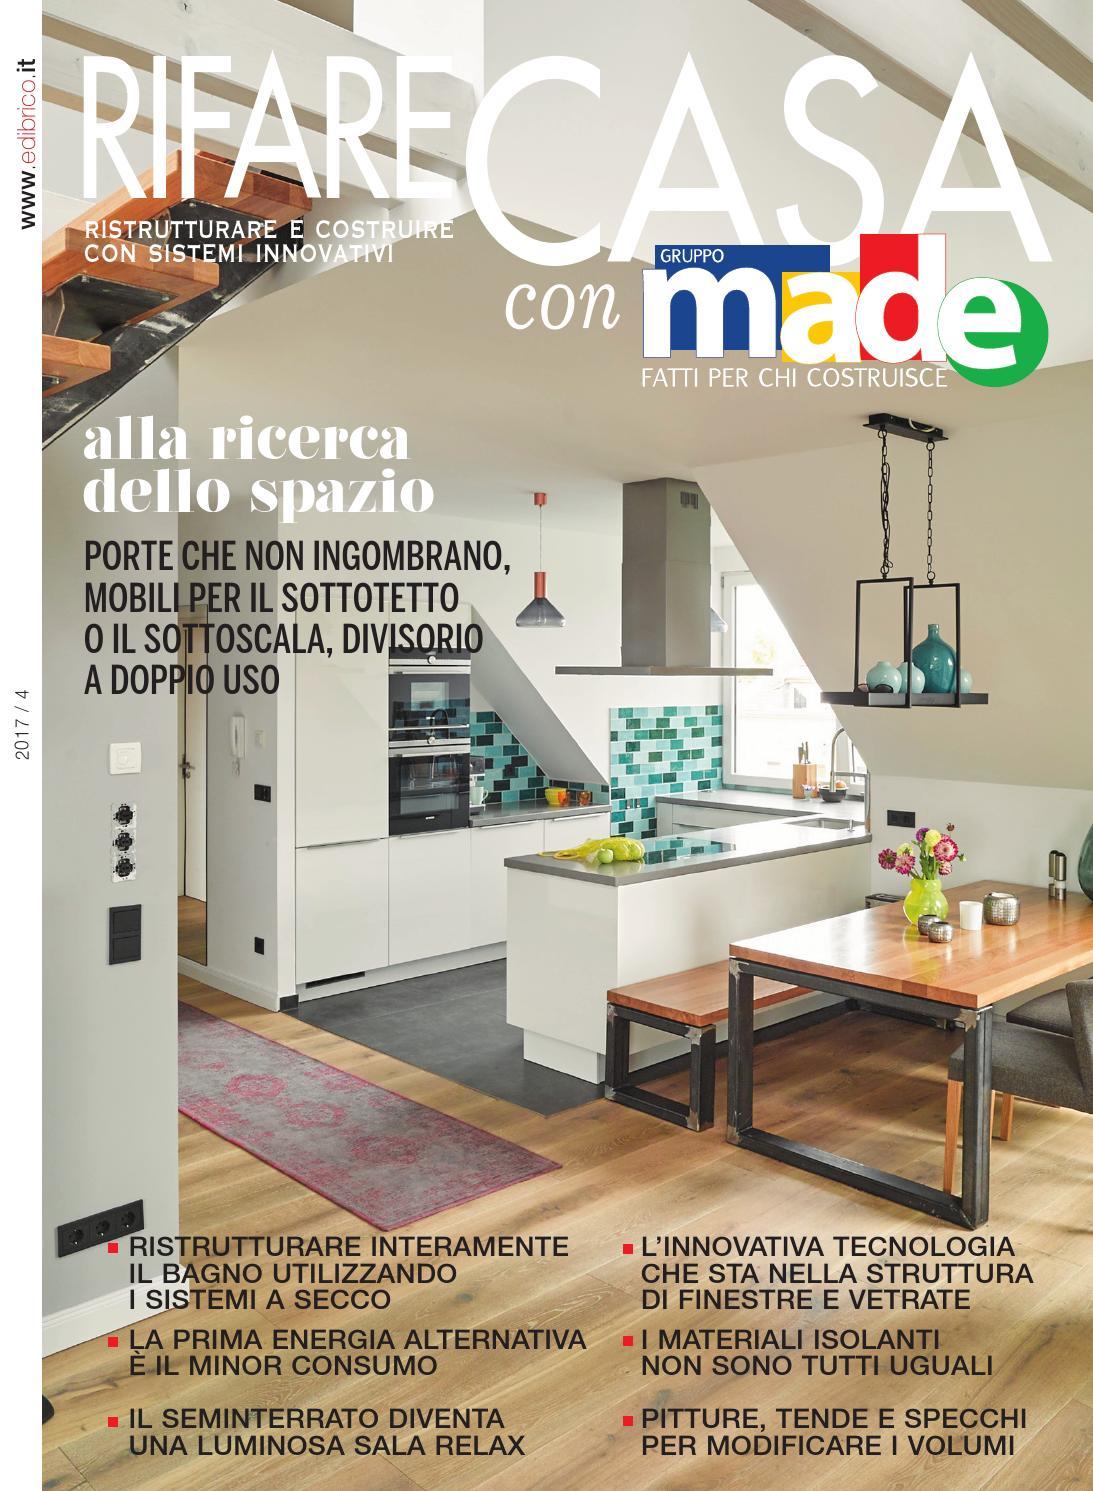 Tende Per Soffitti Inclinati rifare casa con made - ottobre 2017 by gruppo made - issuu